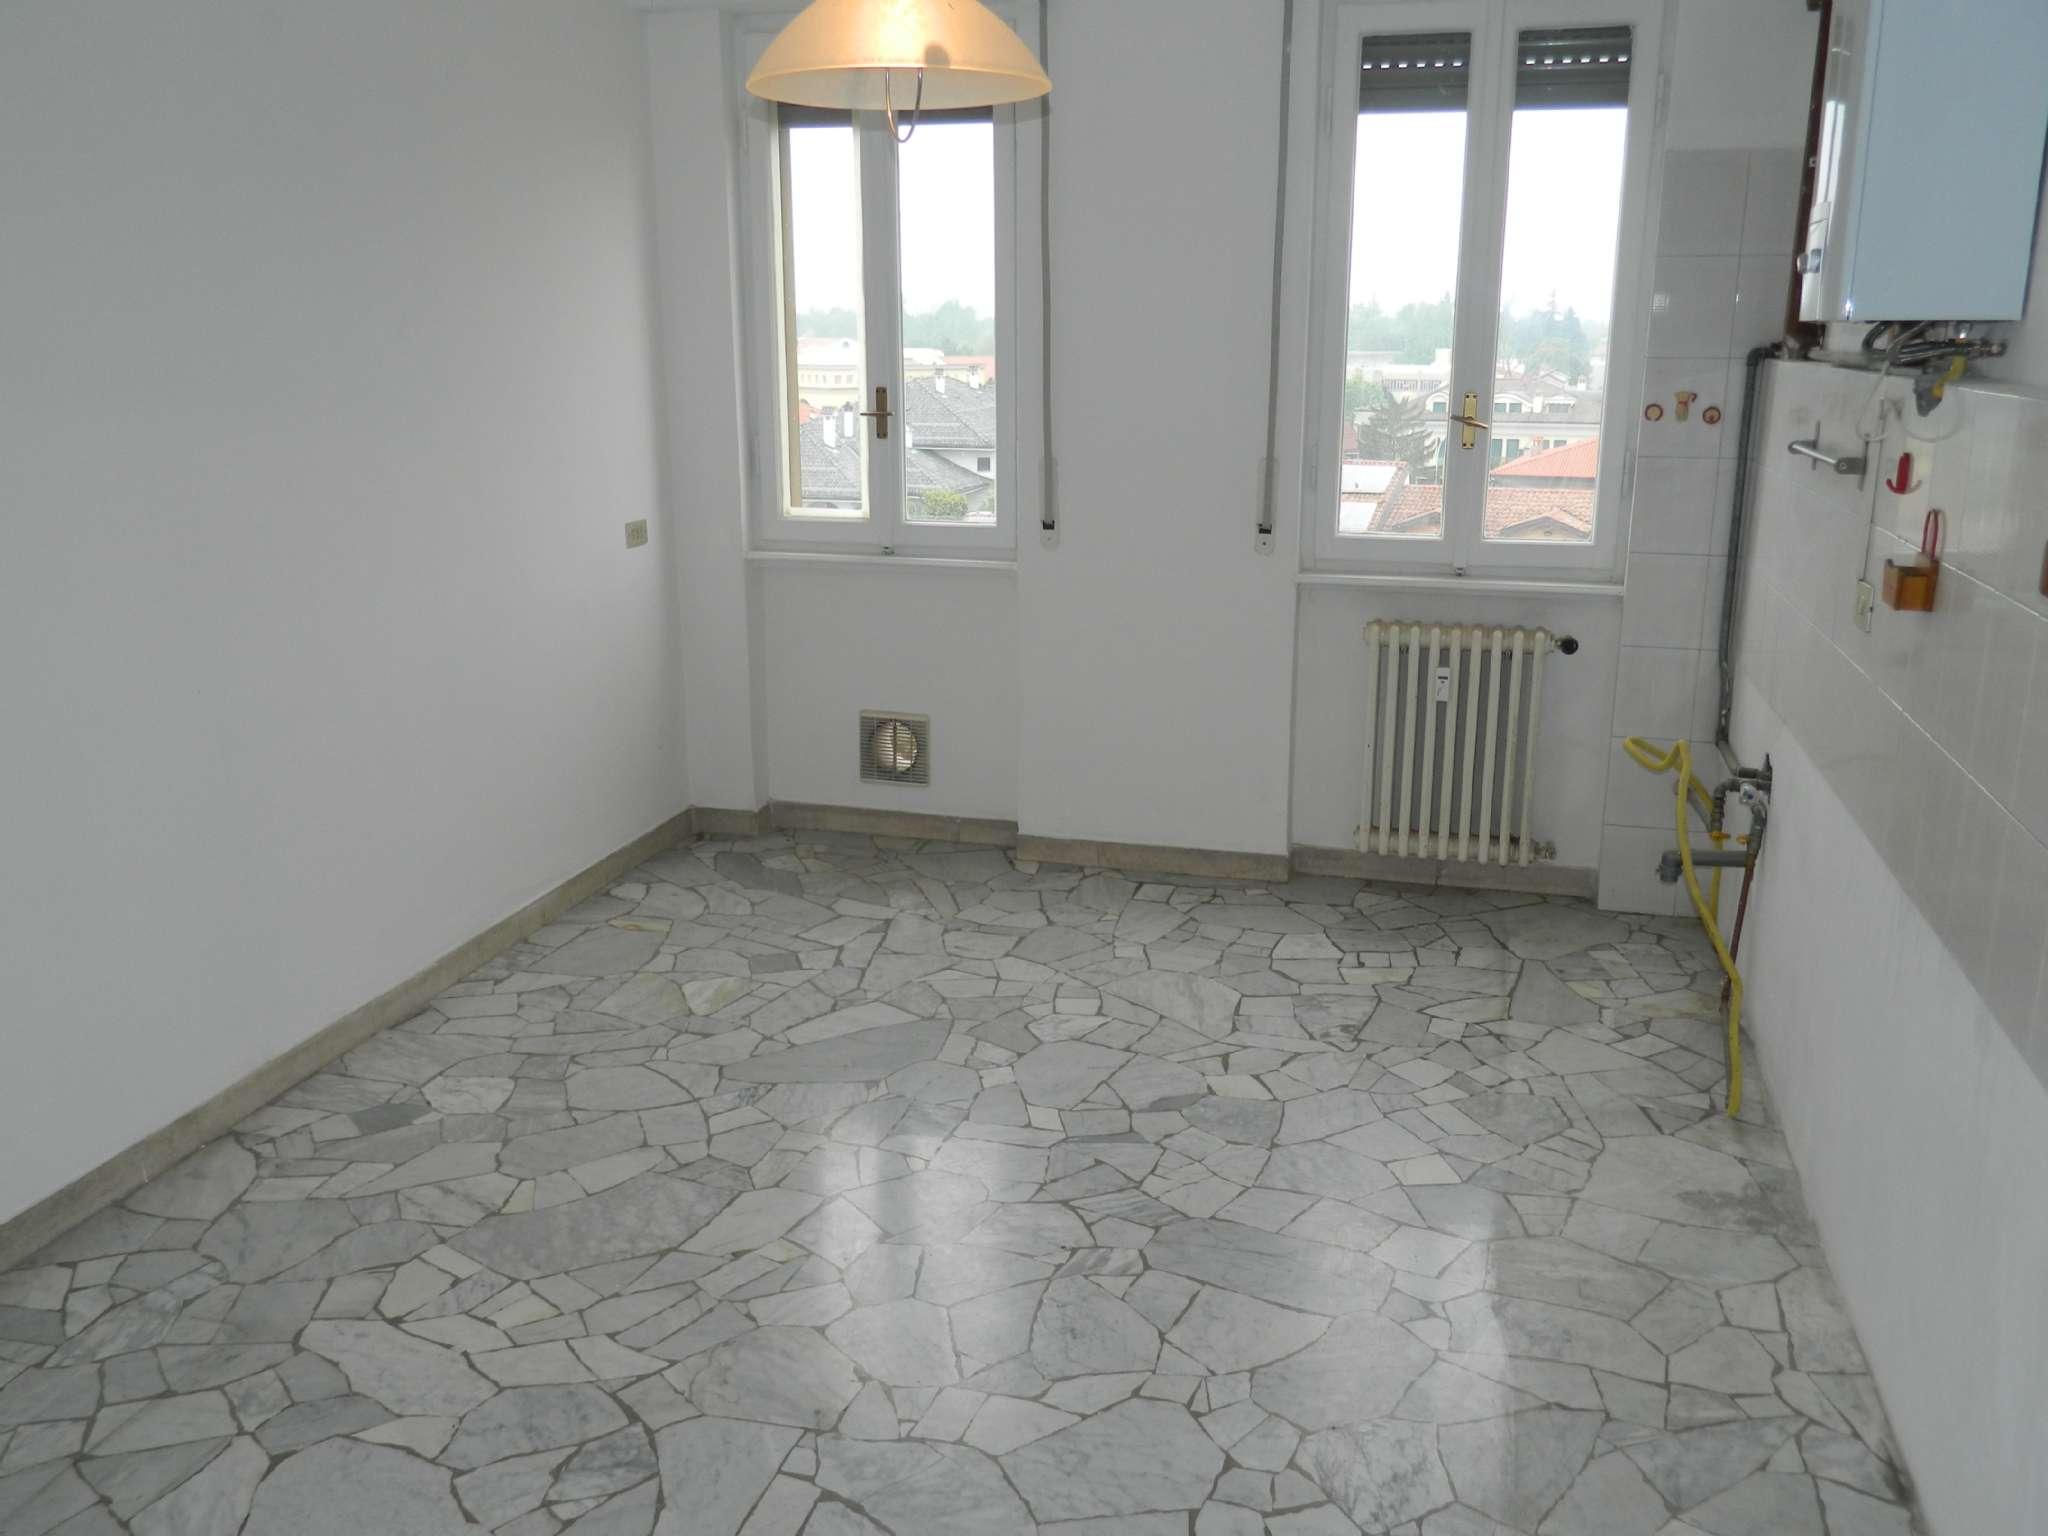 Appartamento in vendita a Bareggio, 2 locali, prezzo € 110.000 | CambioCasa.it